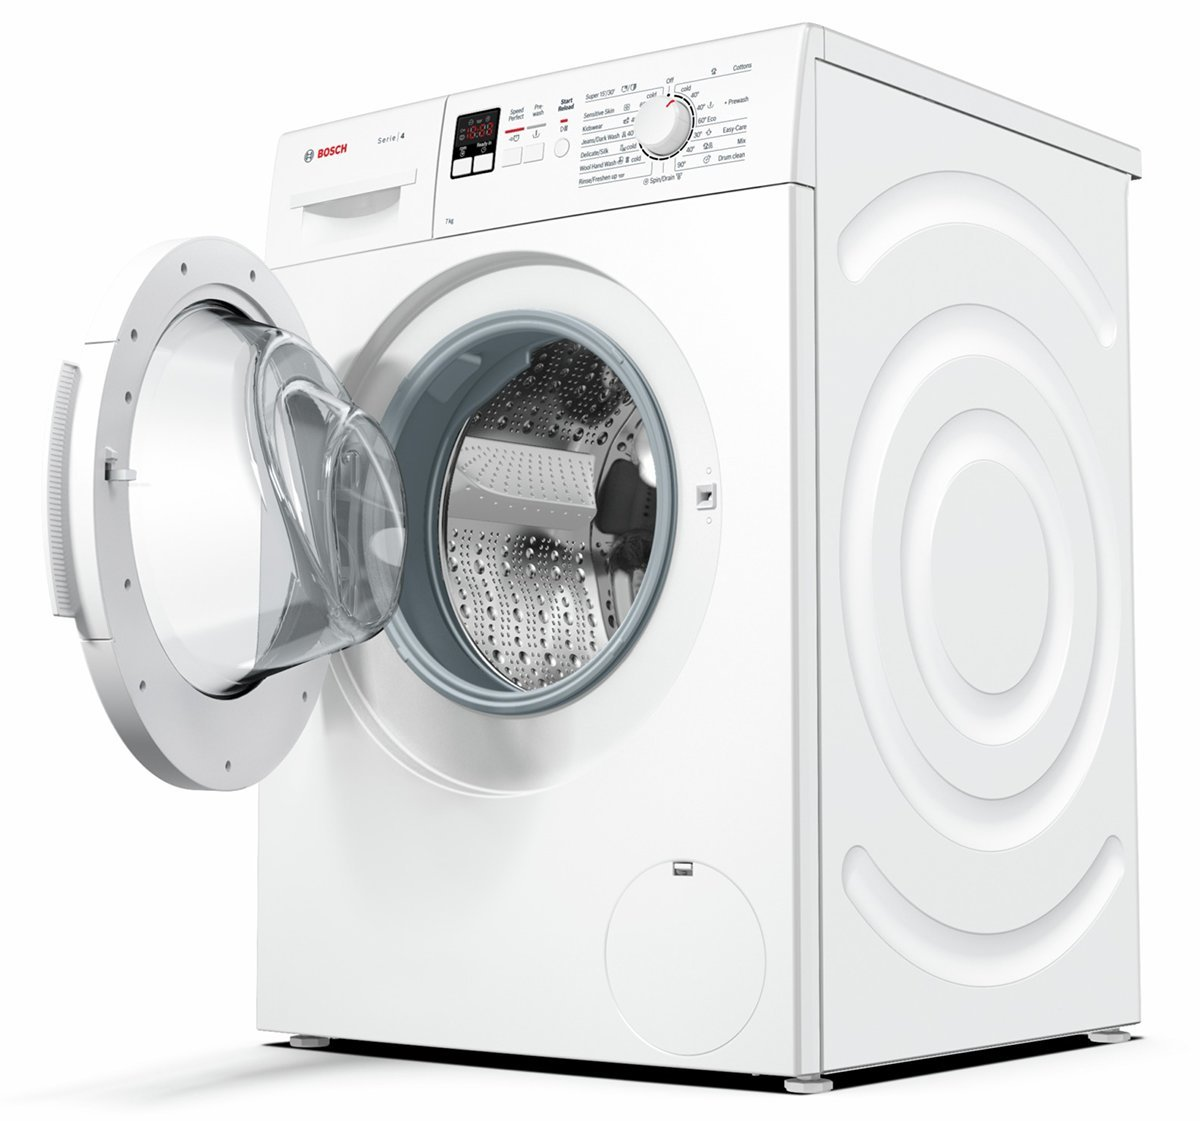 洗护家电市场份额扩大 美的系洗烘套装全面领跑